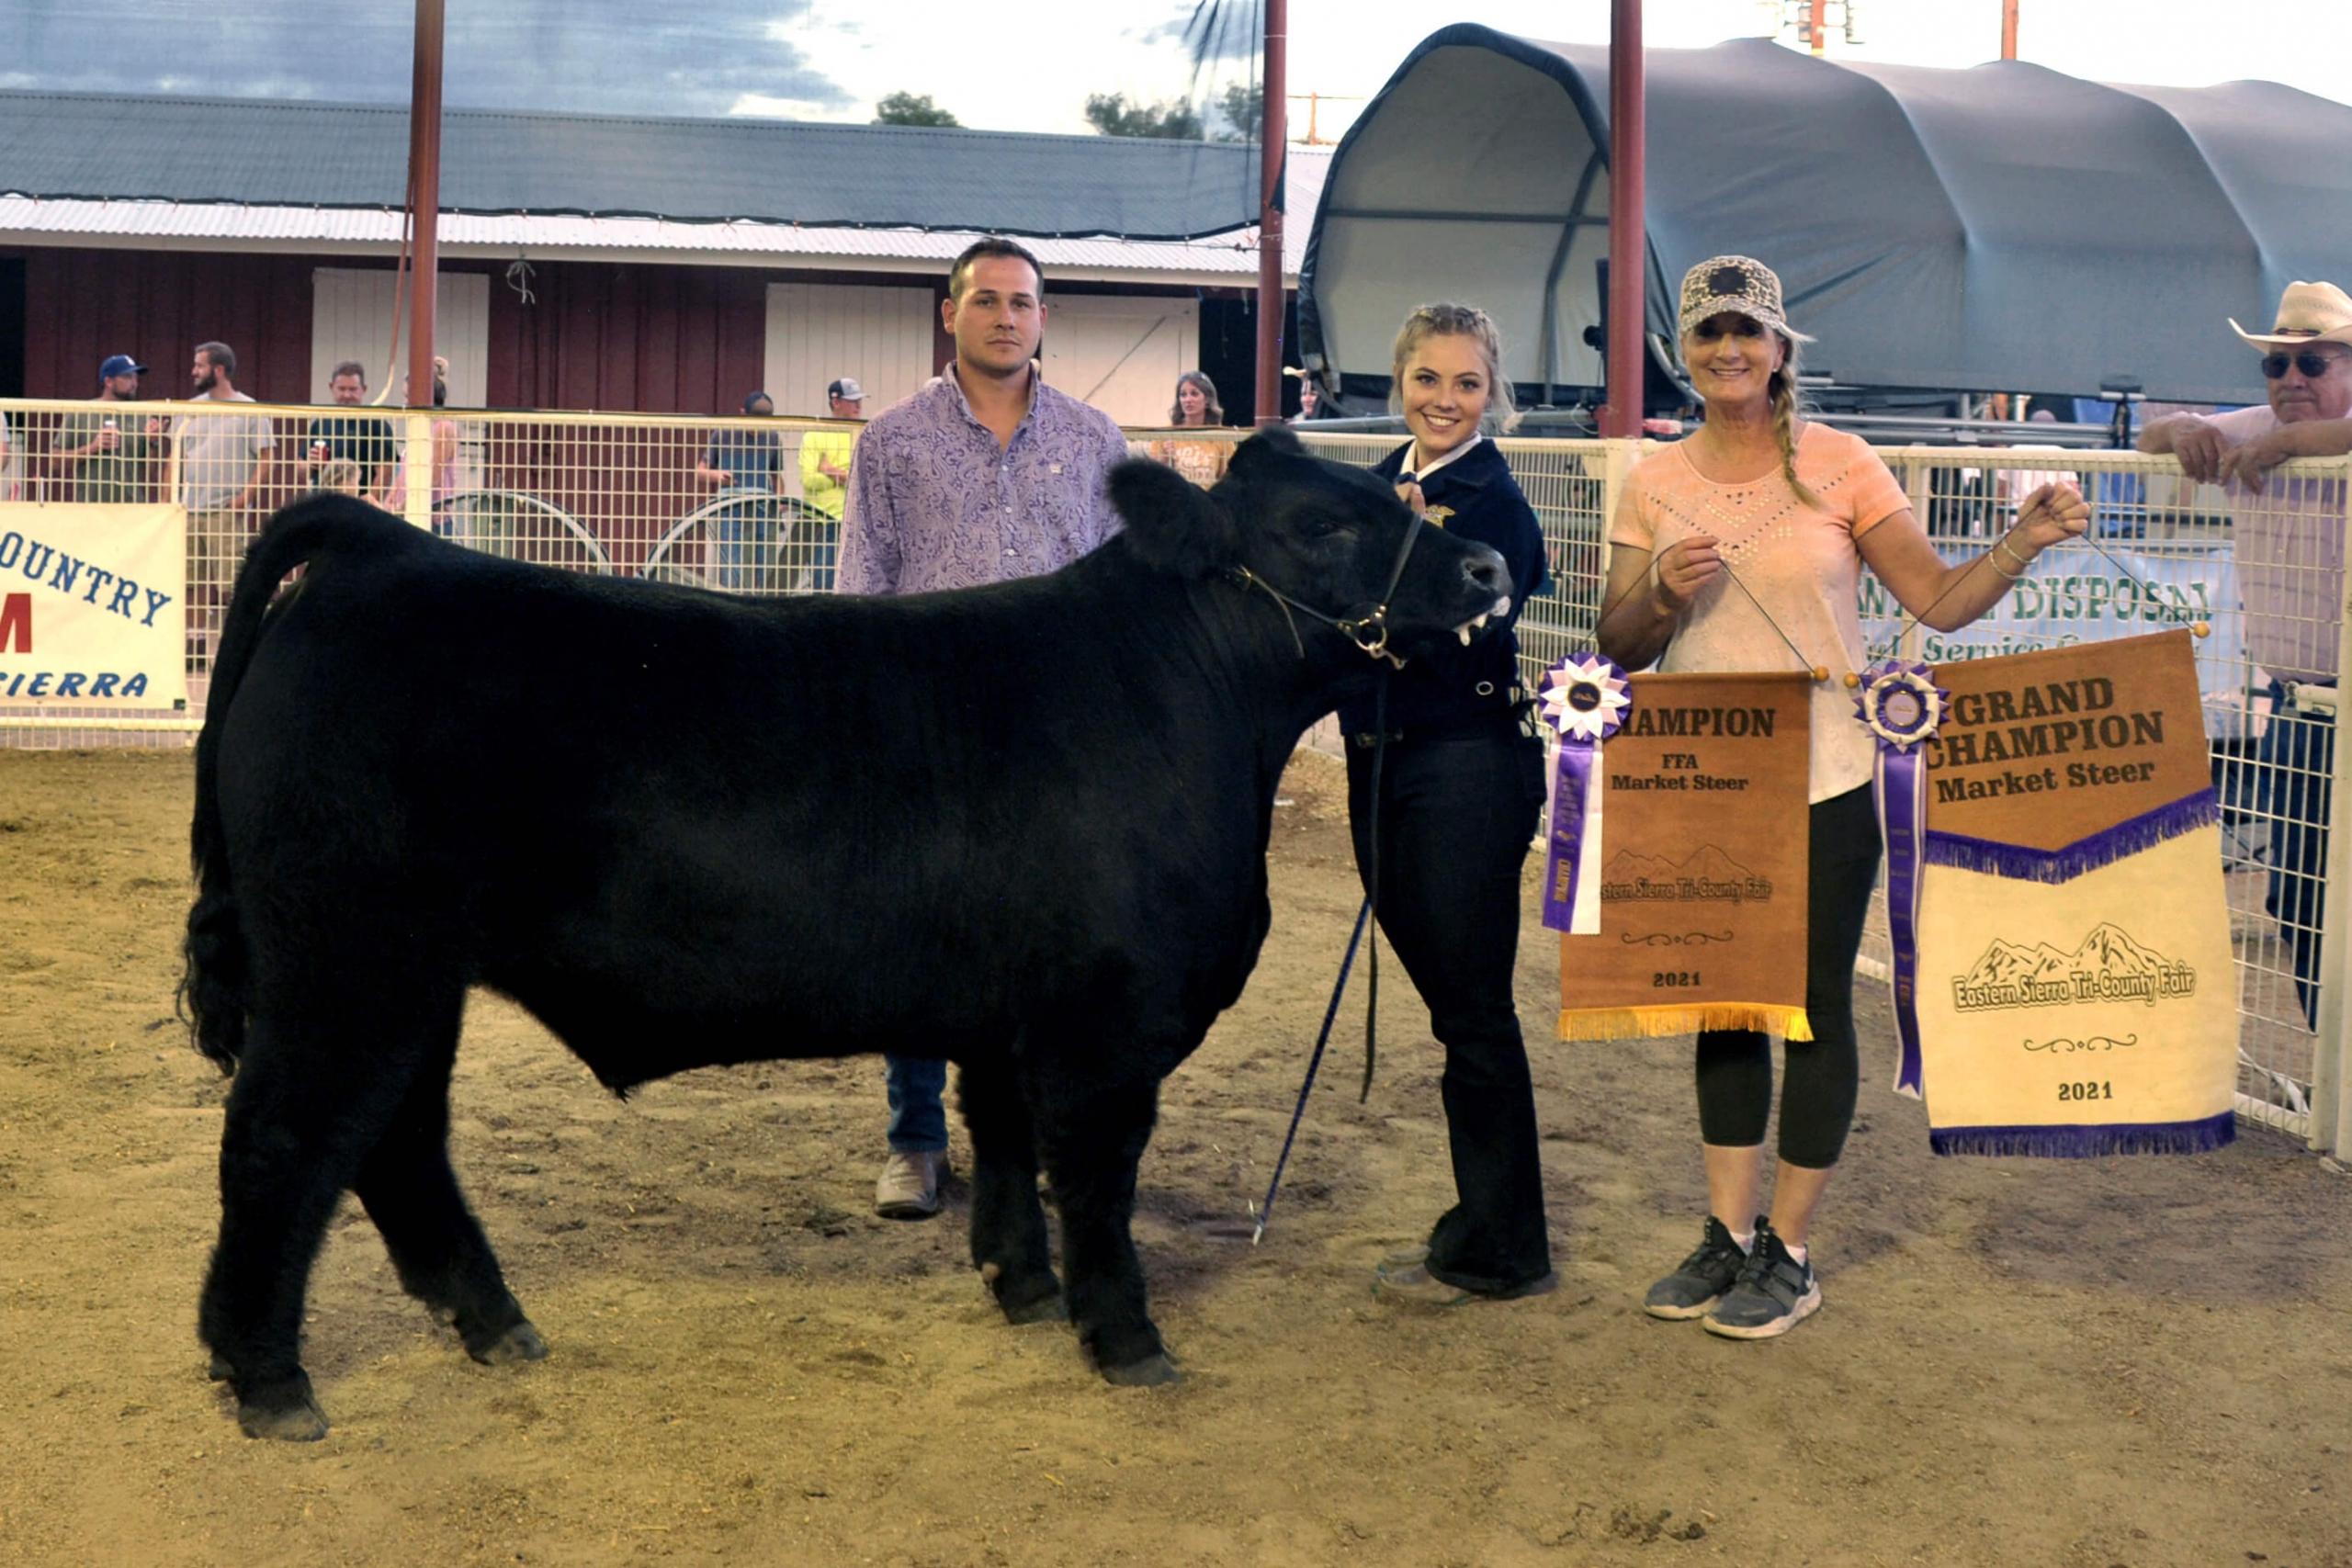 Juanita Joseph - Grand Champ Steer